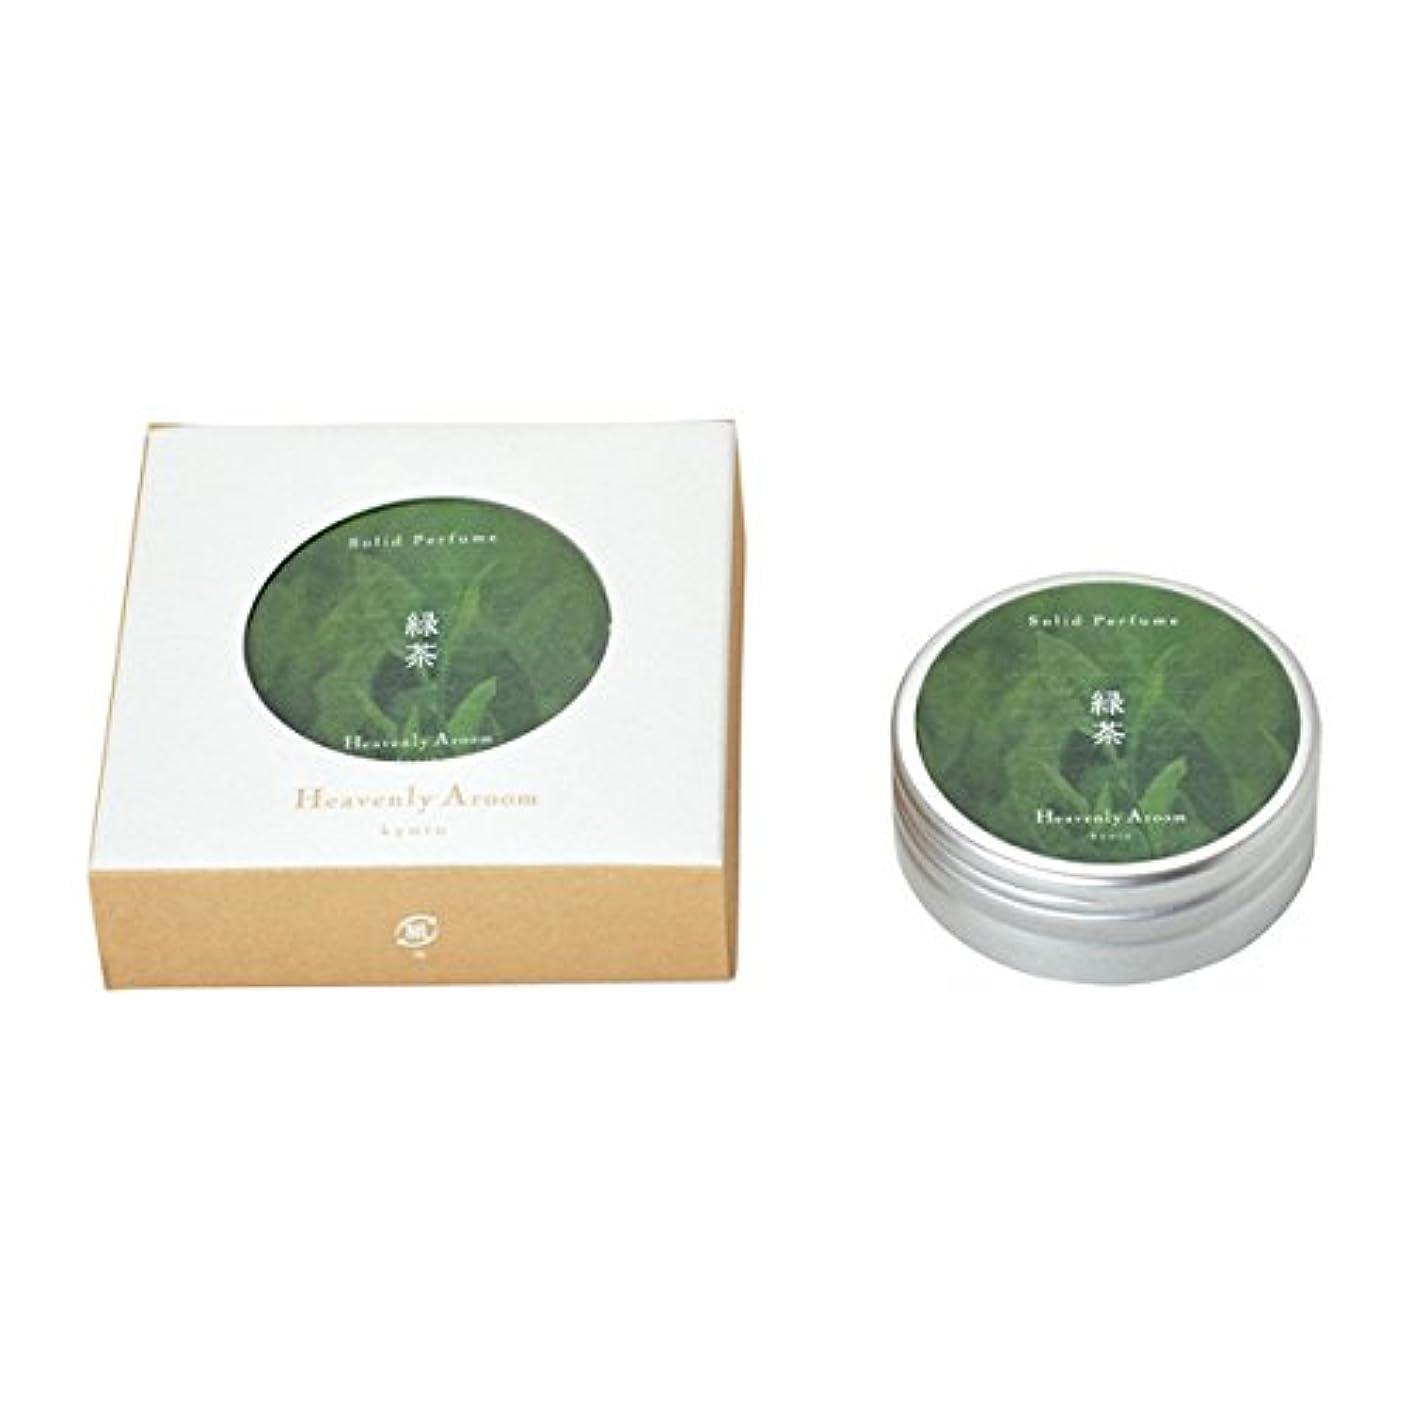 前提ベテラン結晶Heavenly Aroom ソリッドパフューム 緑茶 15g